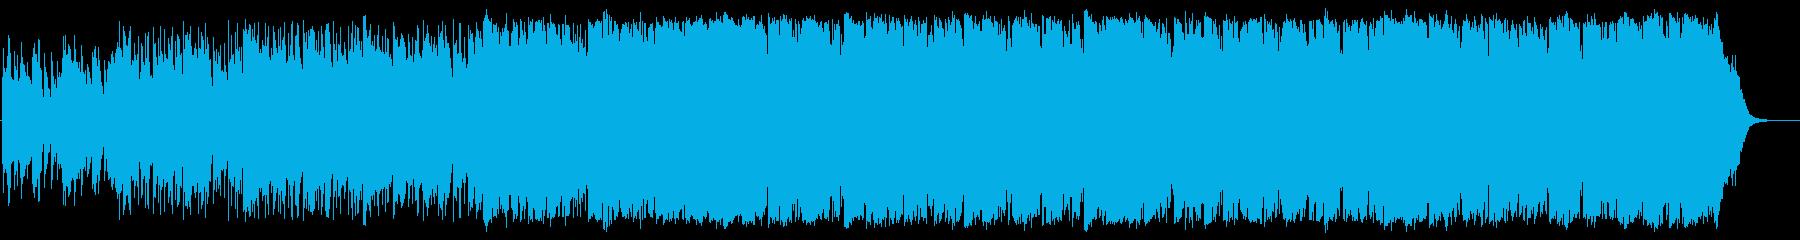 わくわくする軽快なポップスの再生済みの波形